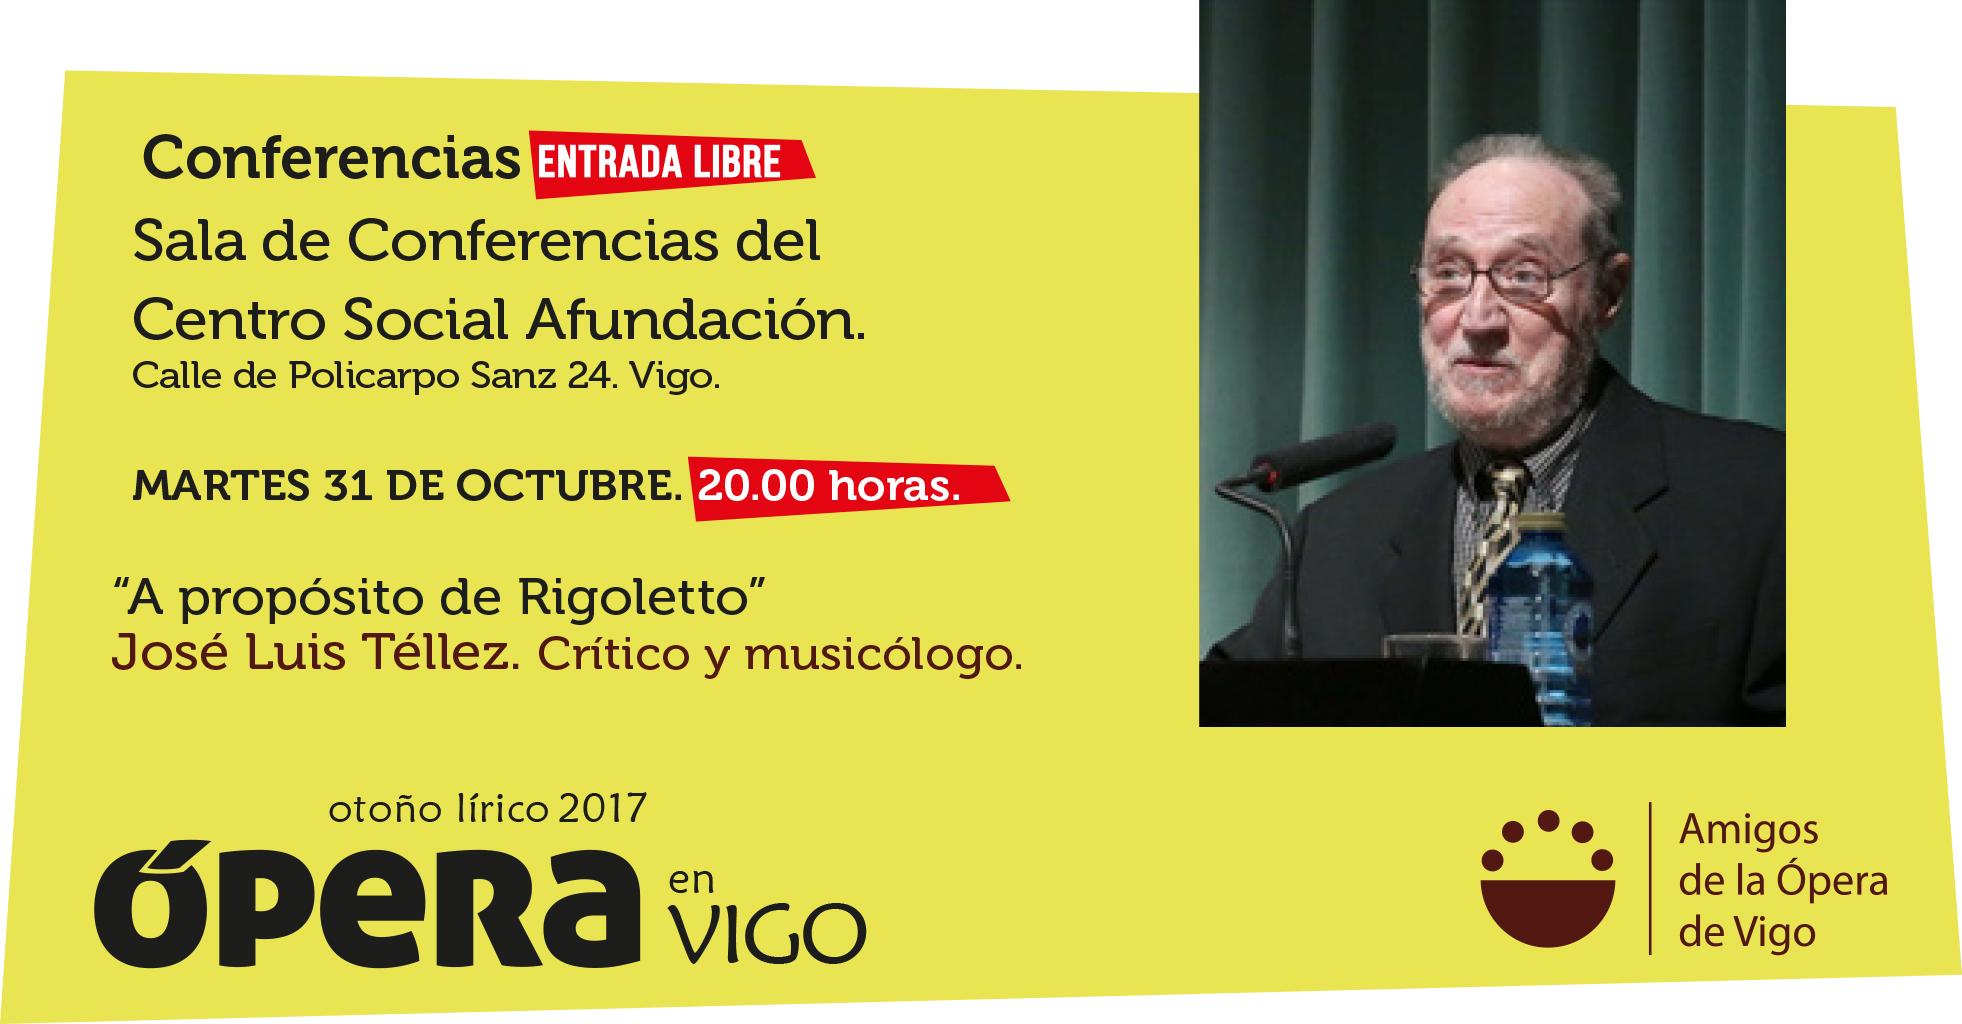 Conferencia: A propósito de Rigoletto. José Luis Téllez. Crítico y musicólo Martes 31 de octubre de 2017